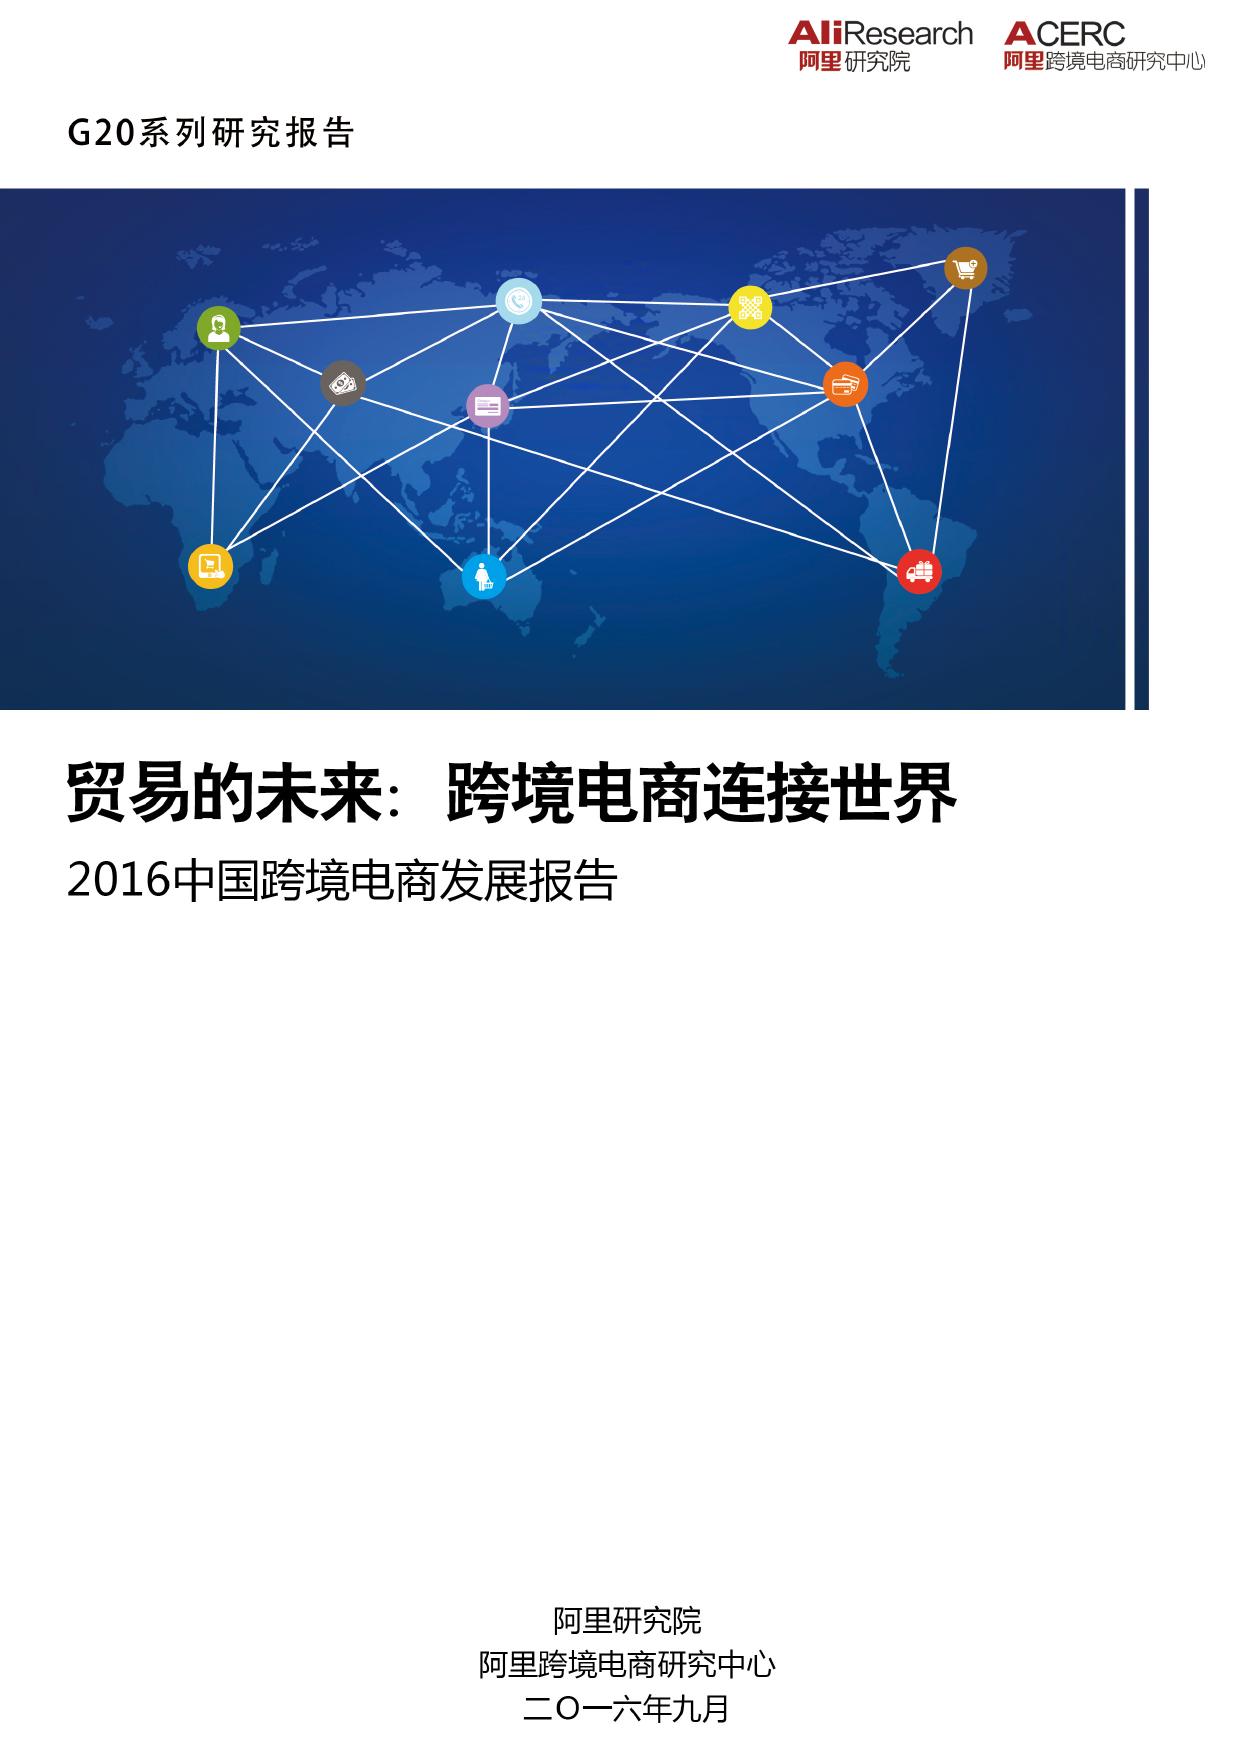 2016中国跨境电商发展报告_000001